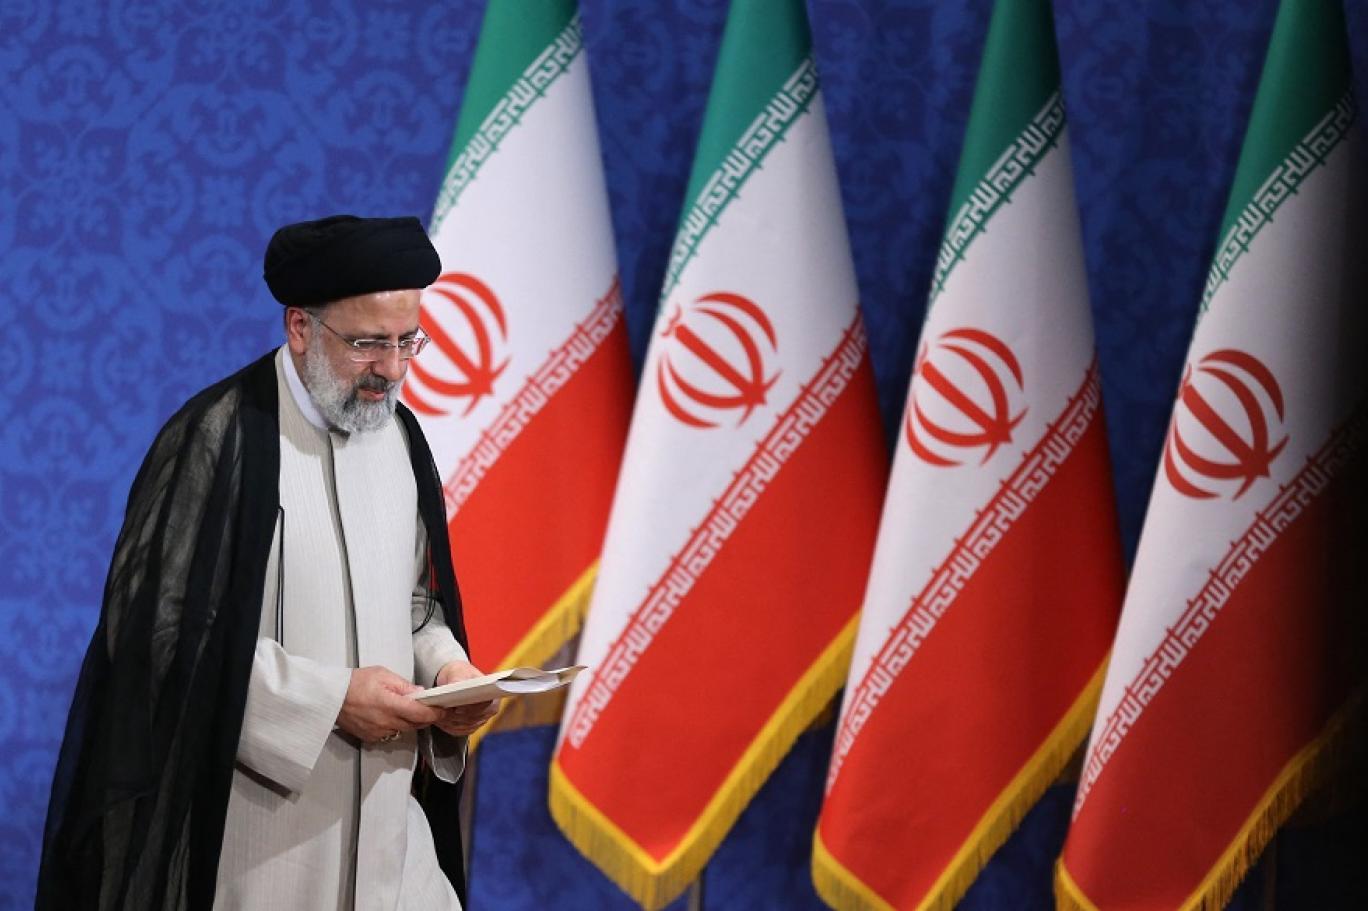 الرئيس الإيراني المنتخب حديثا إبراهيم رئيسي (أ ف ب).jpg